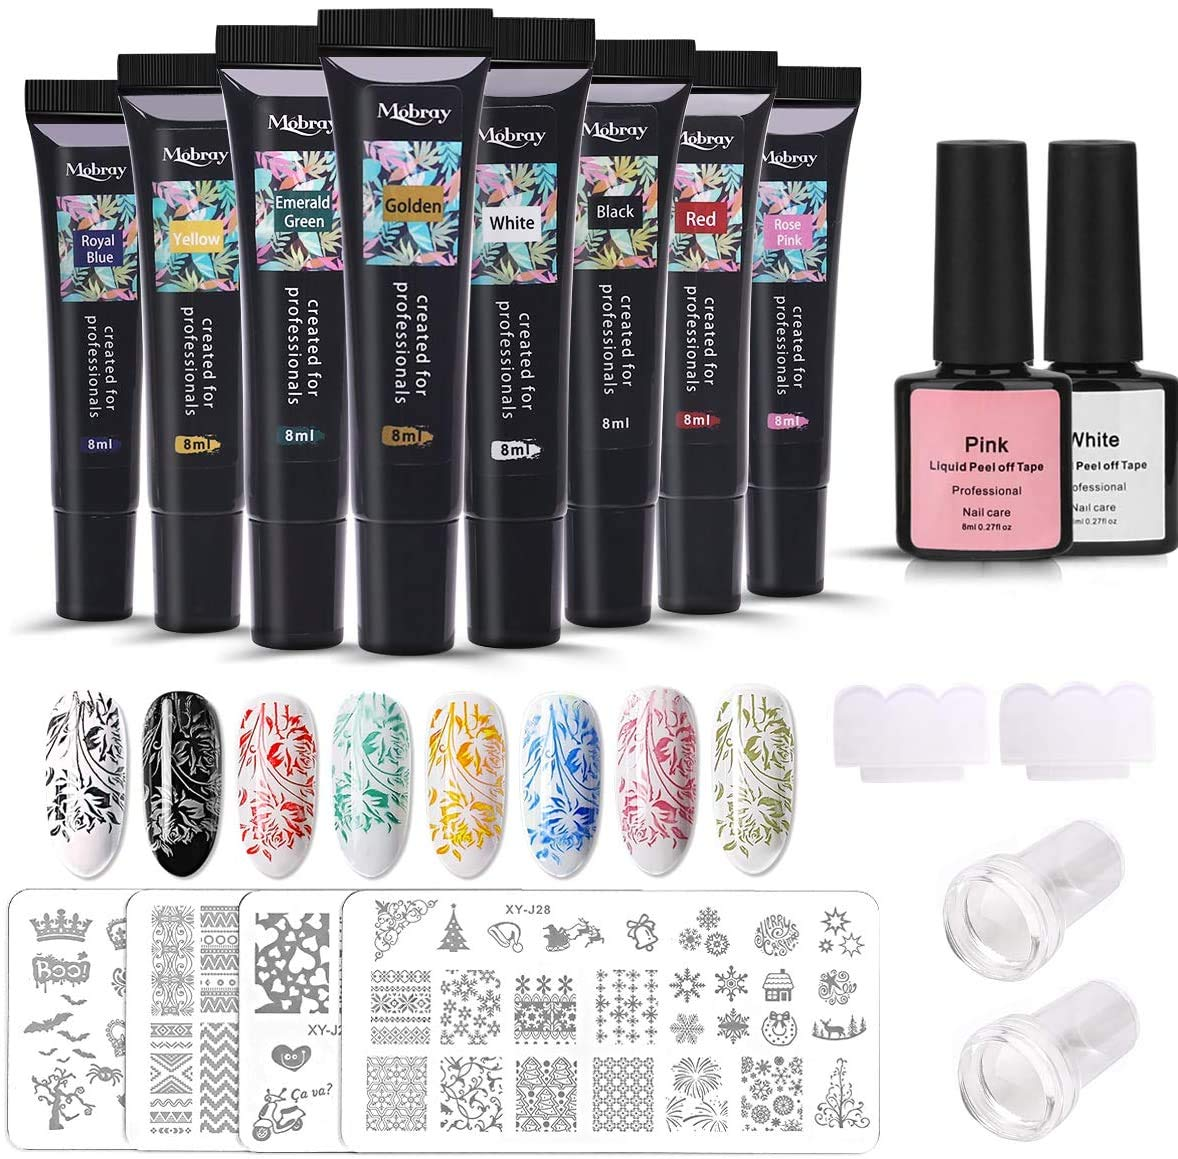 Nail Art Stamping Kit, MYSWEETY 8PCS 8ml Stamping Gel Black White Pink Soak Off Nail Art UV Gel Polish with Nail Stamp Plate